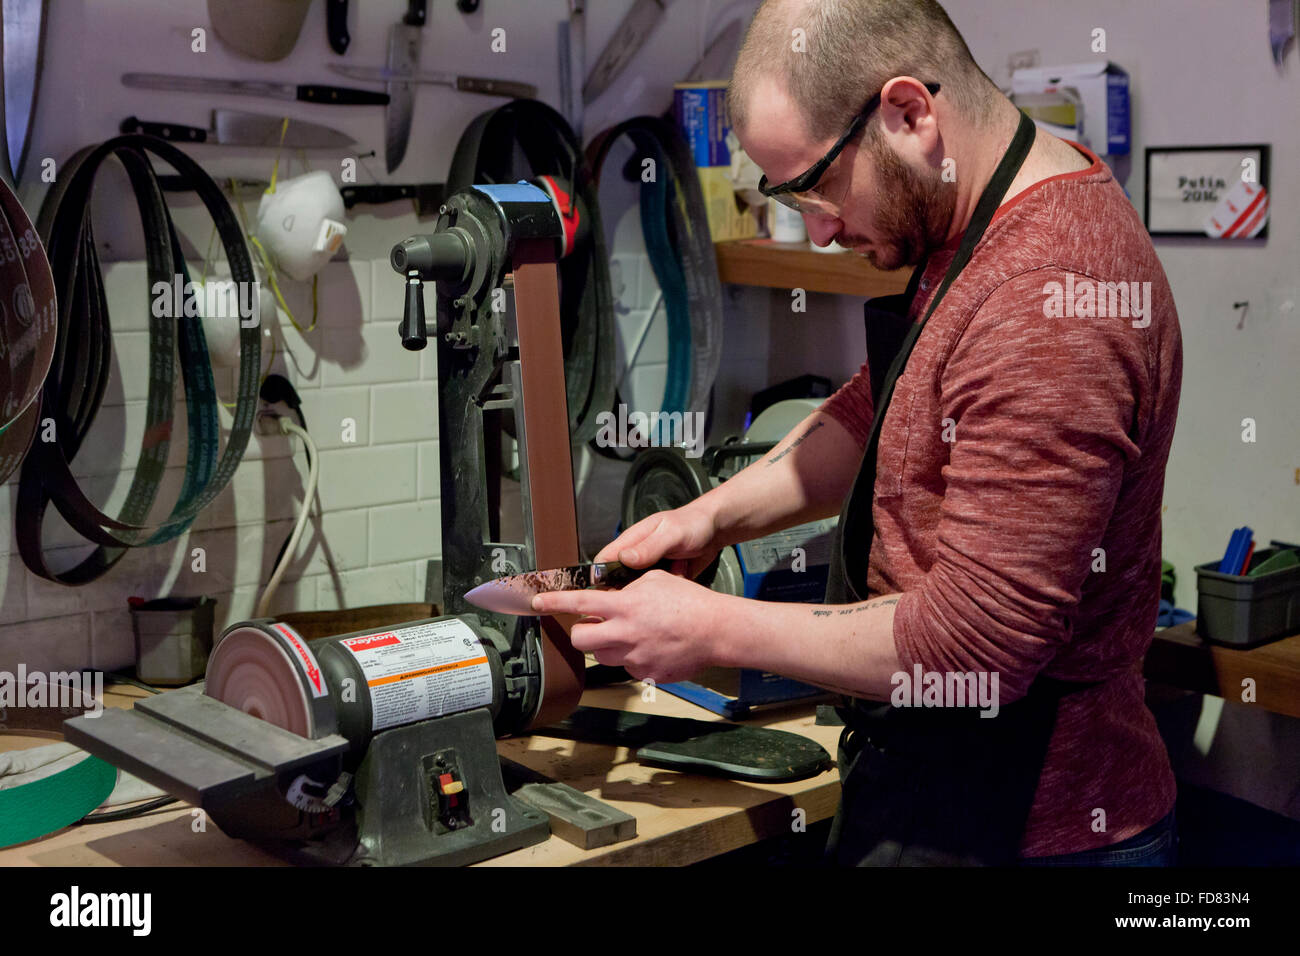 Man sharpening kitchen knife on belt sander - USA - Stock Image